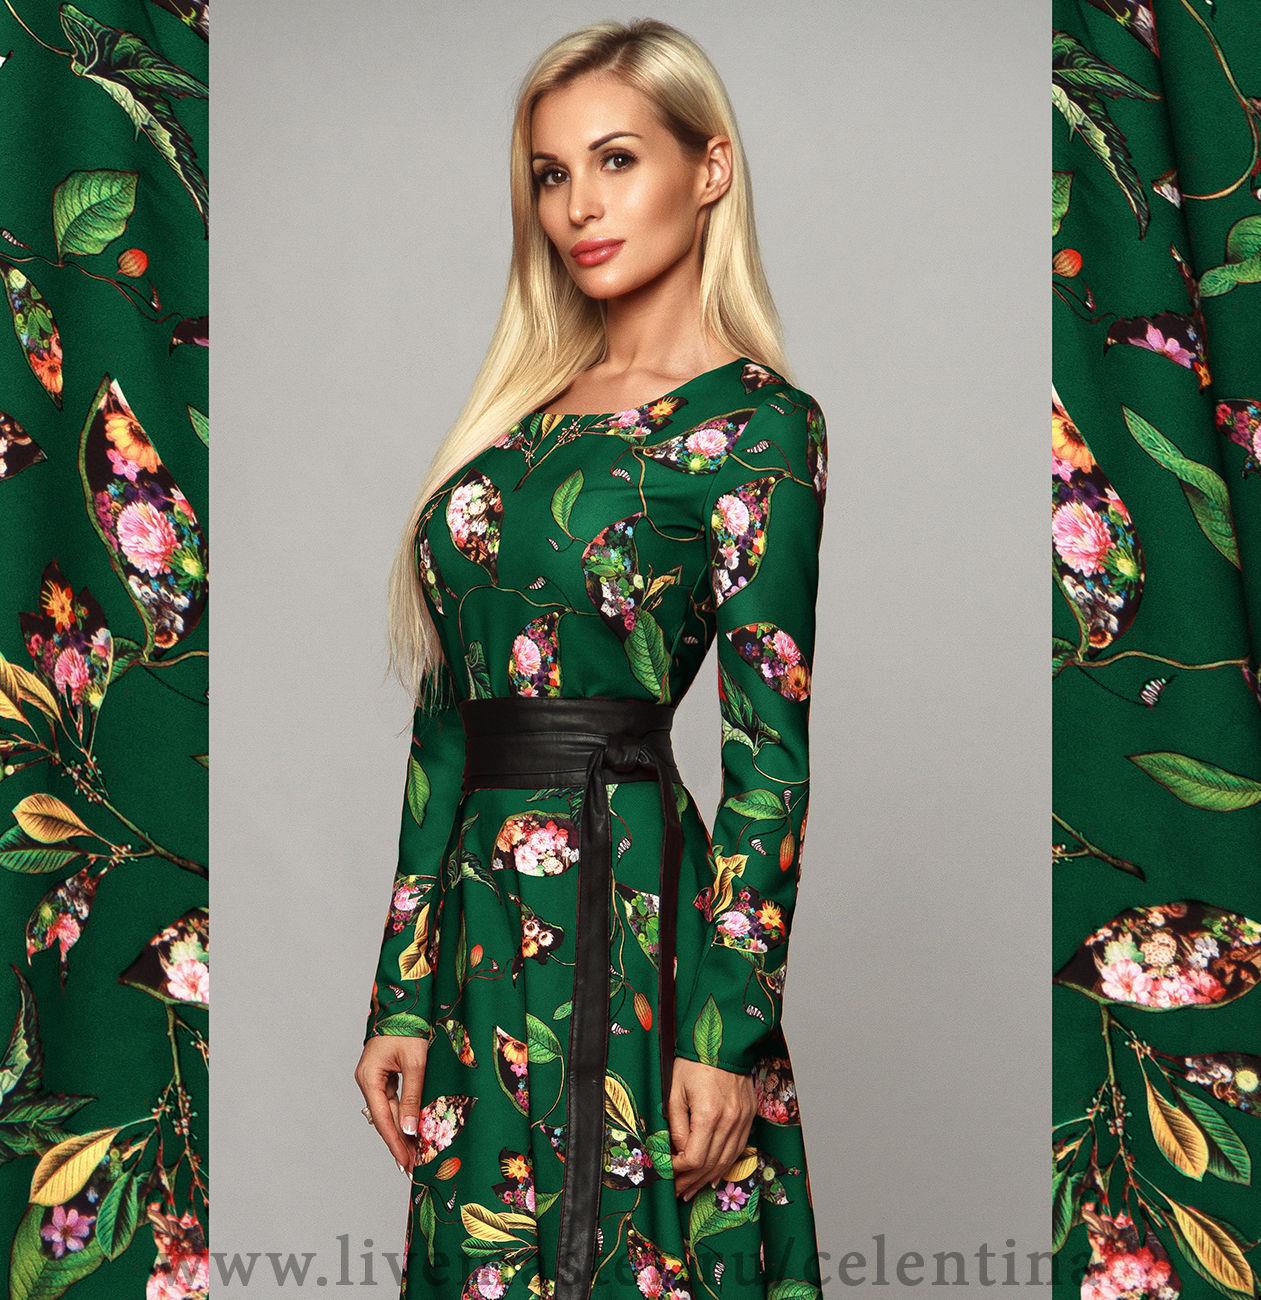 9da70abe3ca Весеннее цветочное платье с длинным рукавом Длинное нарядное зеленое платье  в пол. Весеннее цветочное платье с длинным рукавом ...